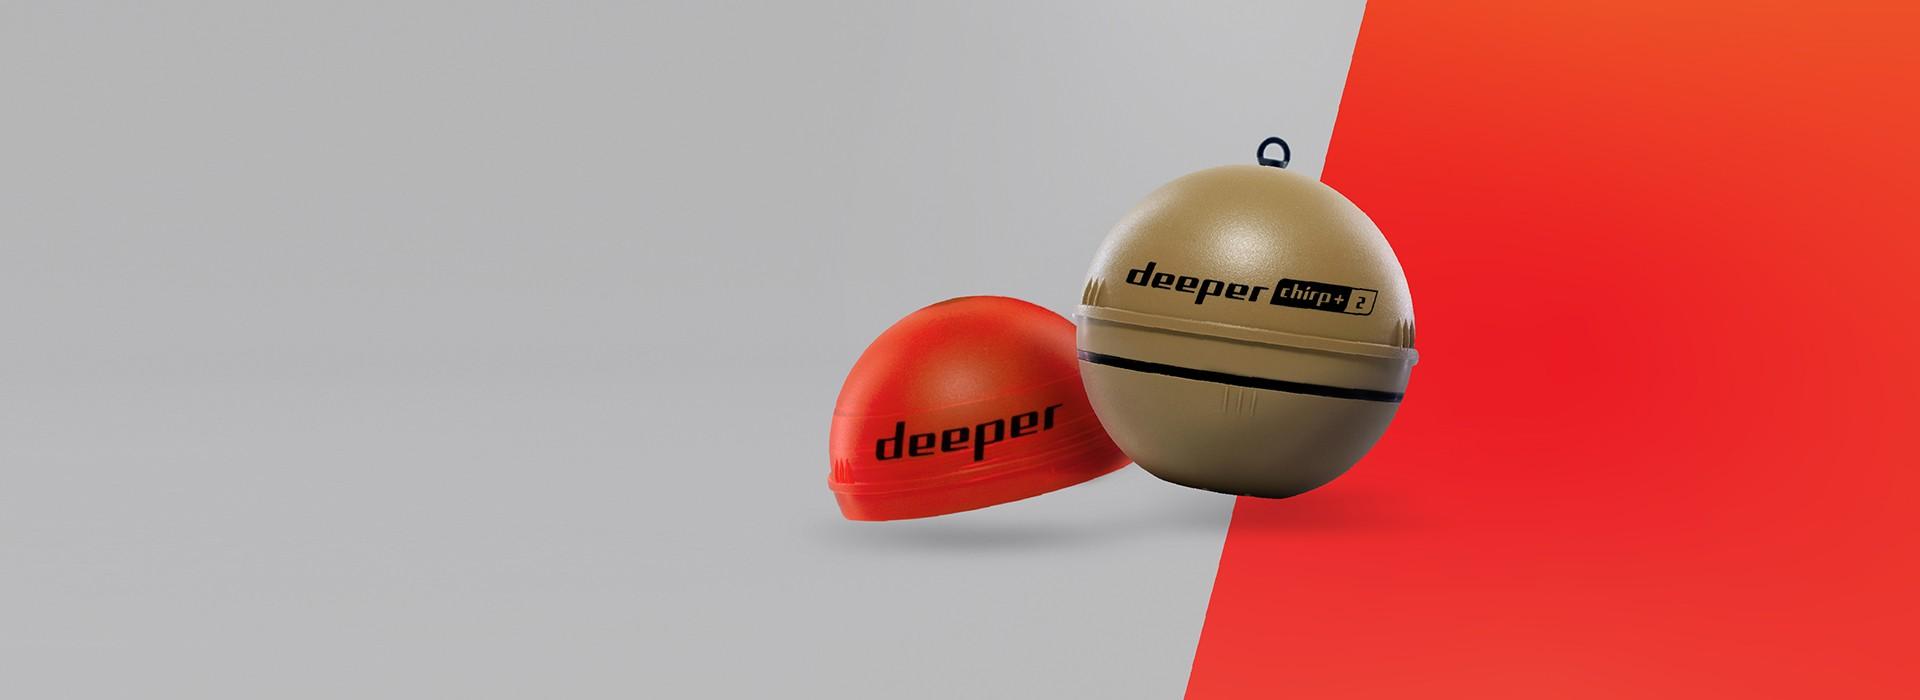 Bemutatjuk az újDeeper CHIRP+ 2 modellt! Cégünk valaha volt leghatékonyabb hangradarja – egyelőre.